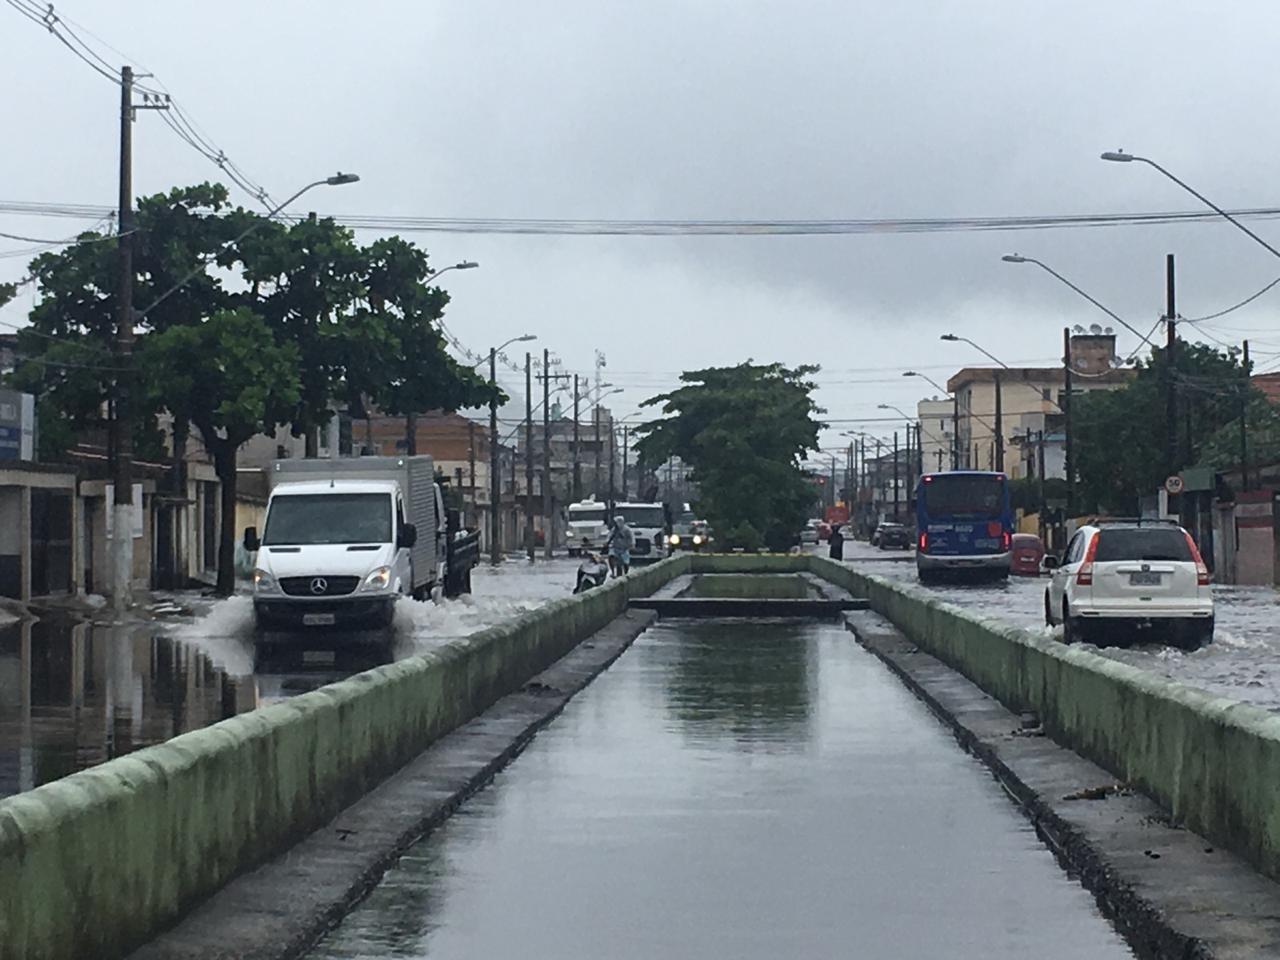 Maré atinge elevação recorde em 2019 e provoca prejuízos em Santos - Noticias